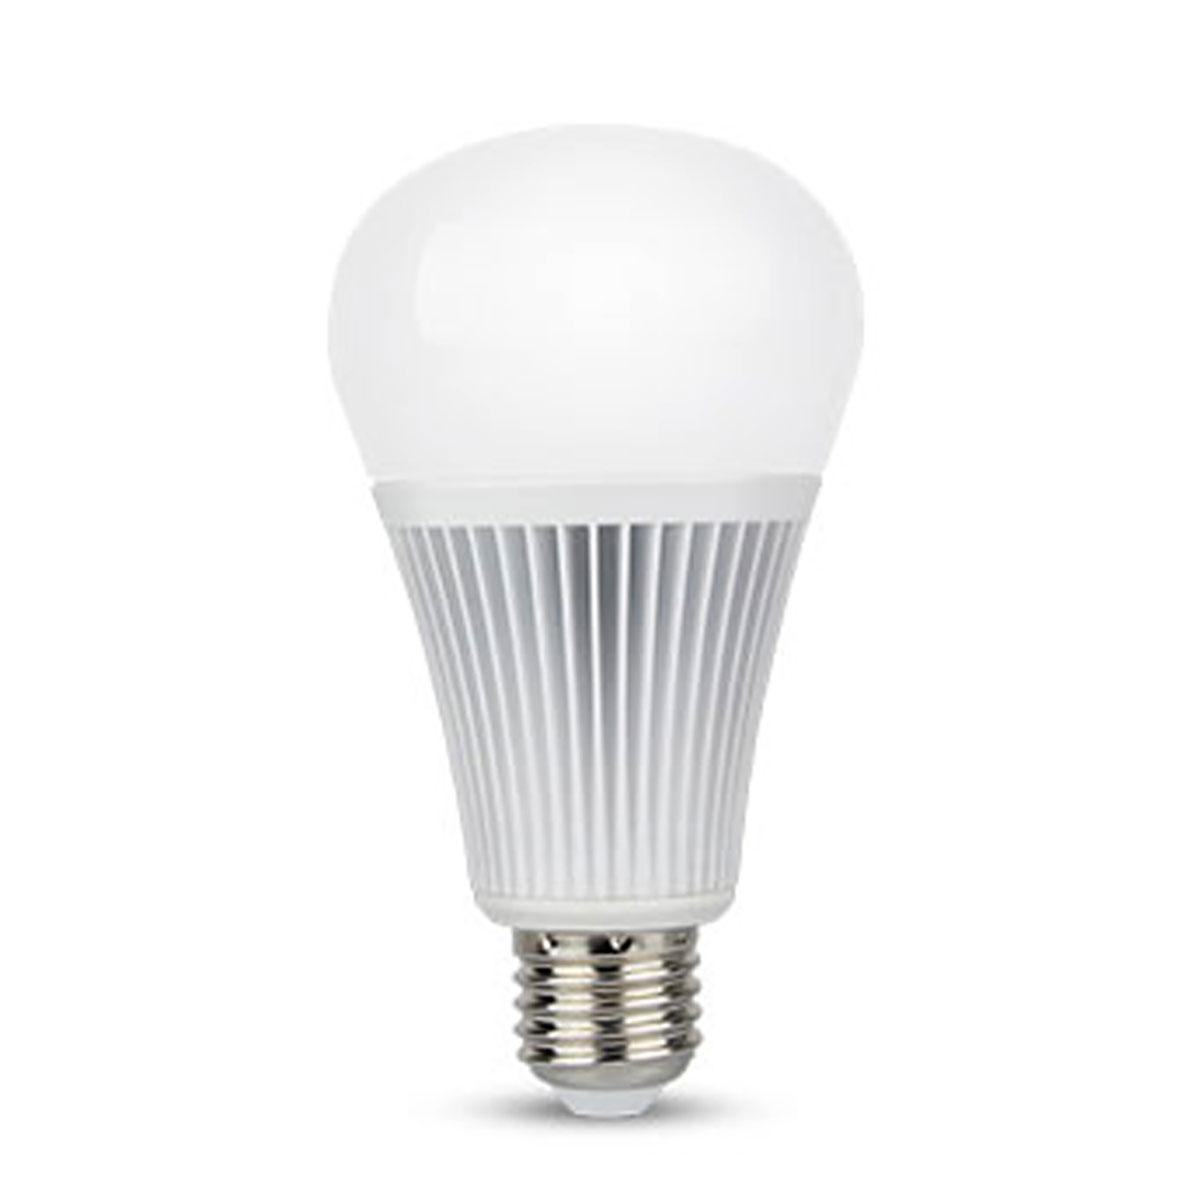 Светодиодная лампочка Mi-Light Smart 9Вт, RGB+CCT